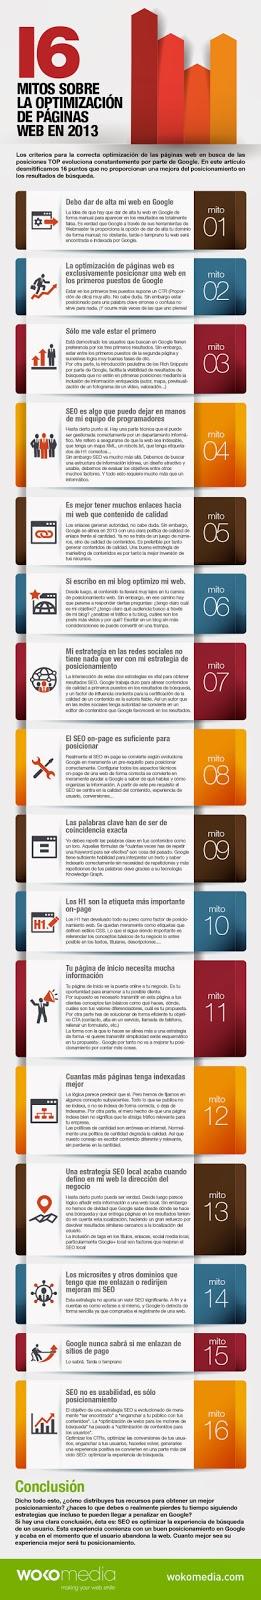 16 mitos sobre la optimización de paginas web en 2013